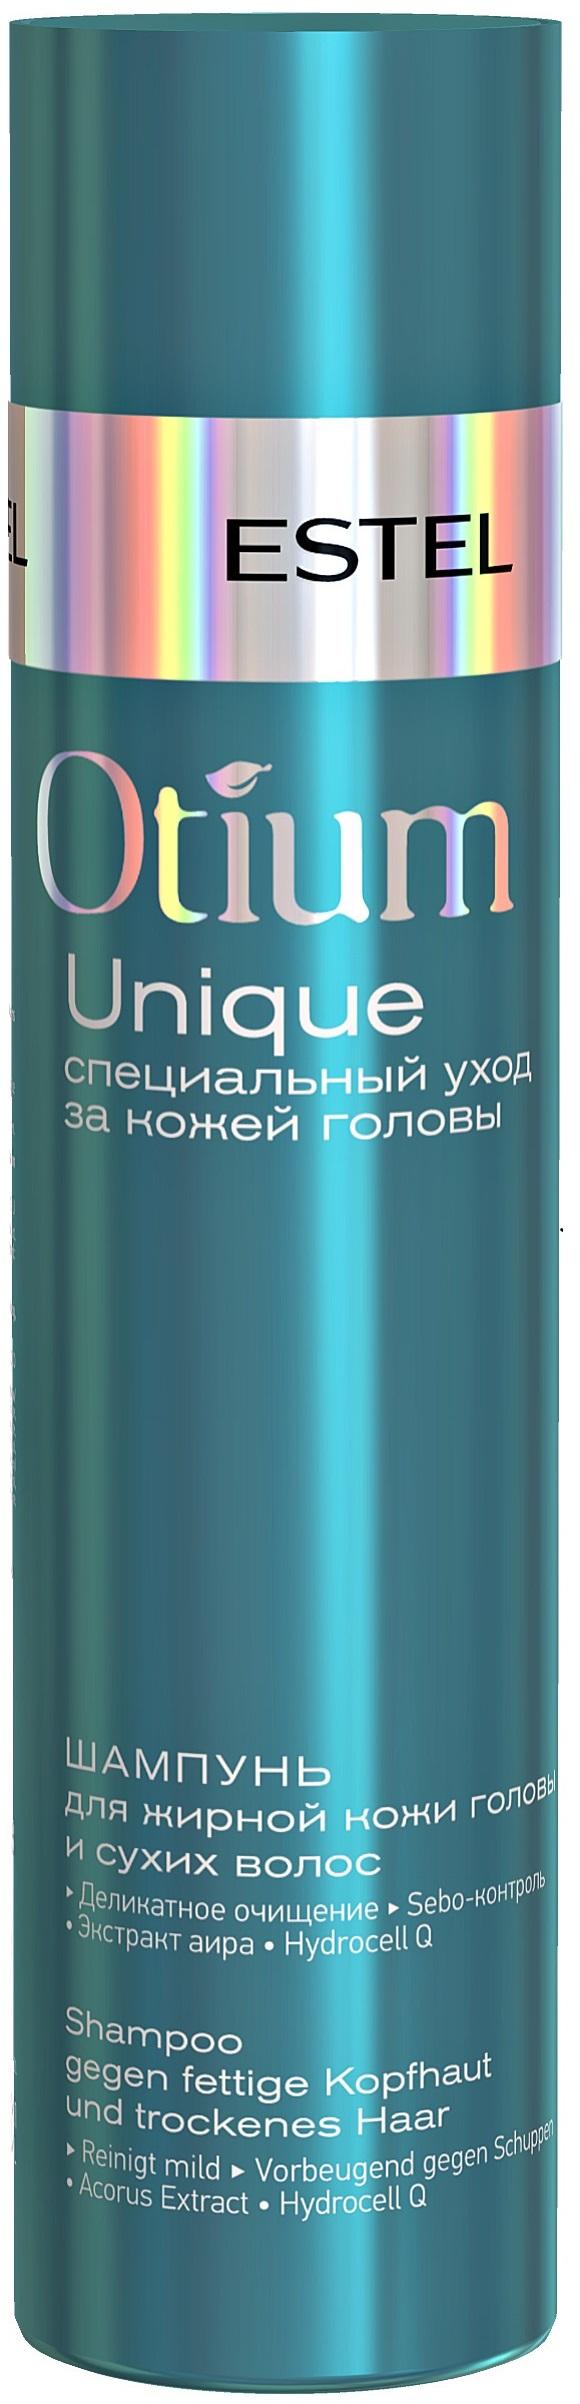 Шампунь для волос ESTEL PROFESSIONAL OTIUM UNIQUE для жирной кожи головы, для сухих волос 250 мл